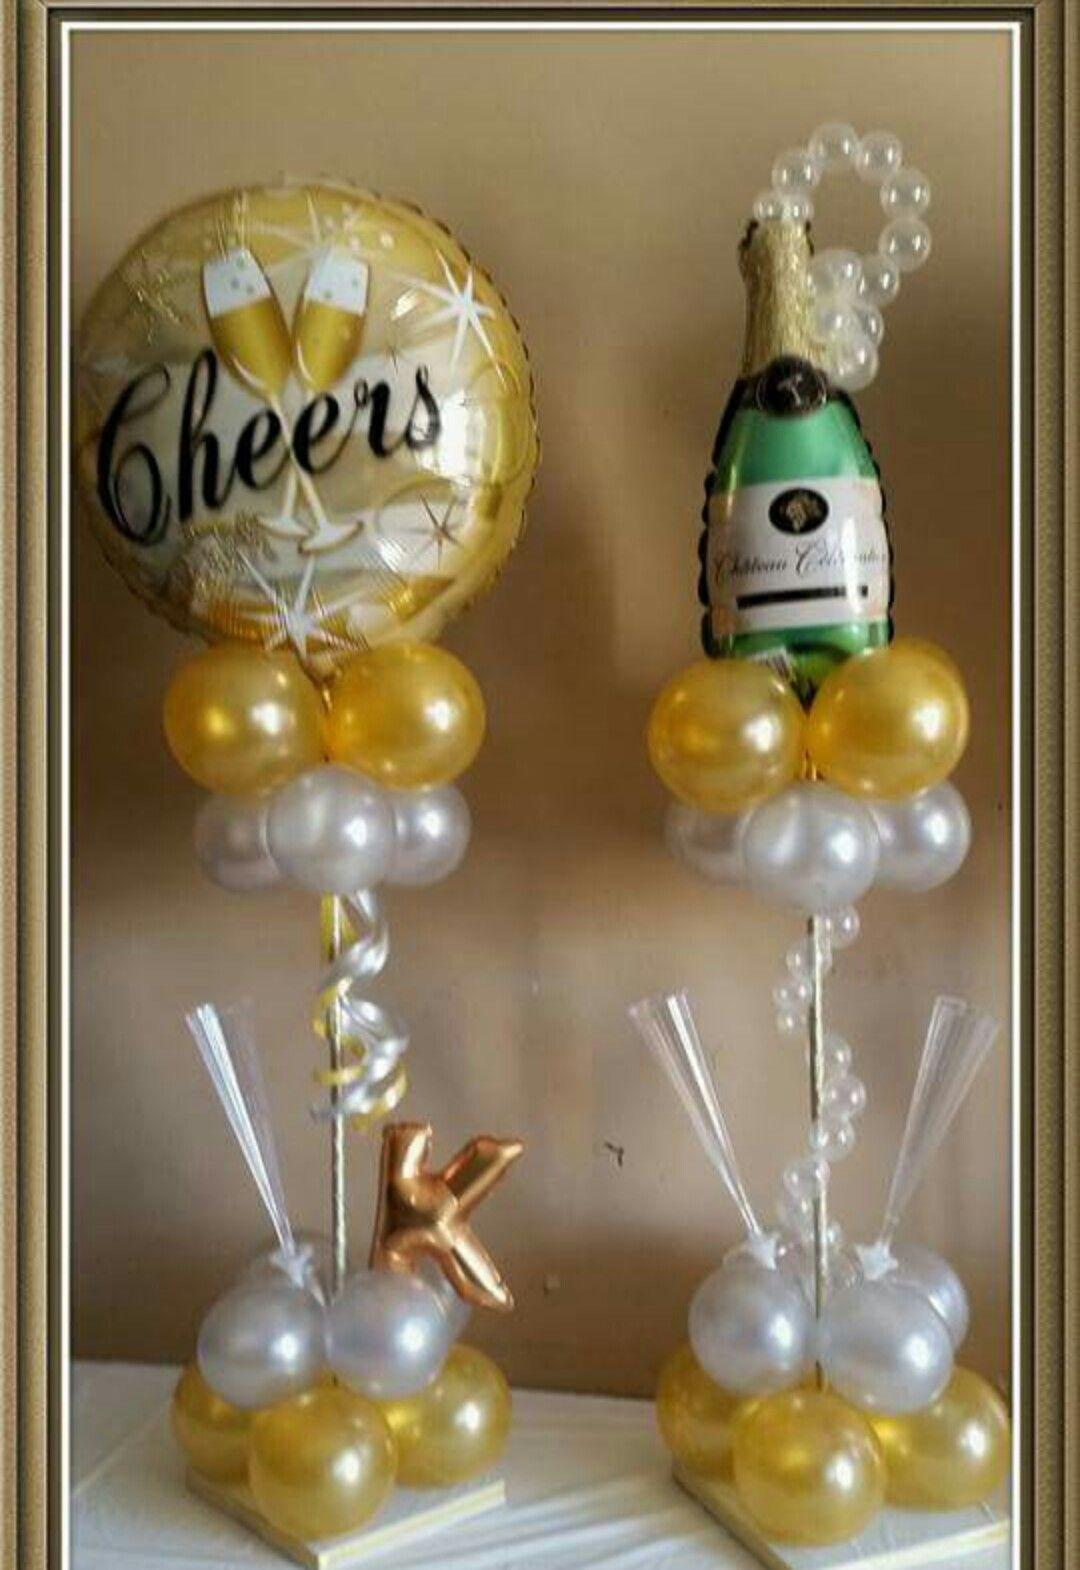 NEW YEAR'S BALLOON ART. | Champagne balloons, Balloon ...